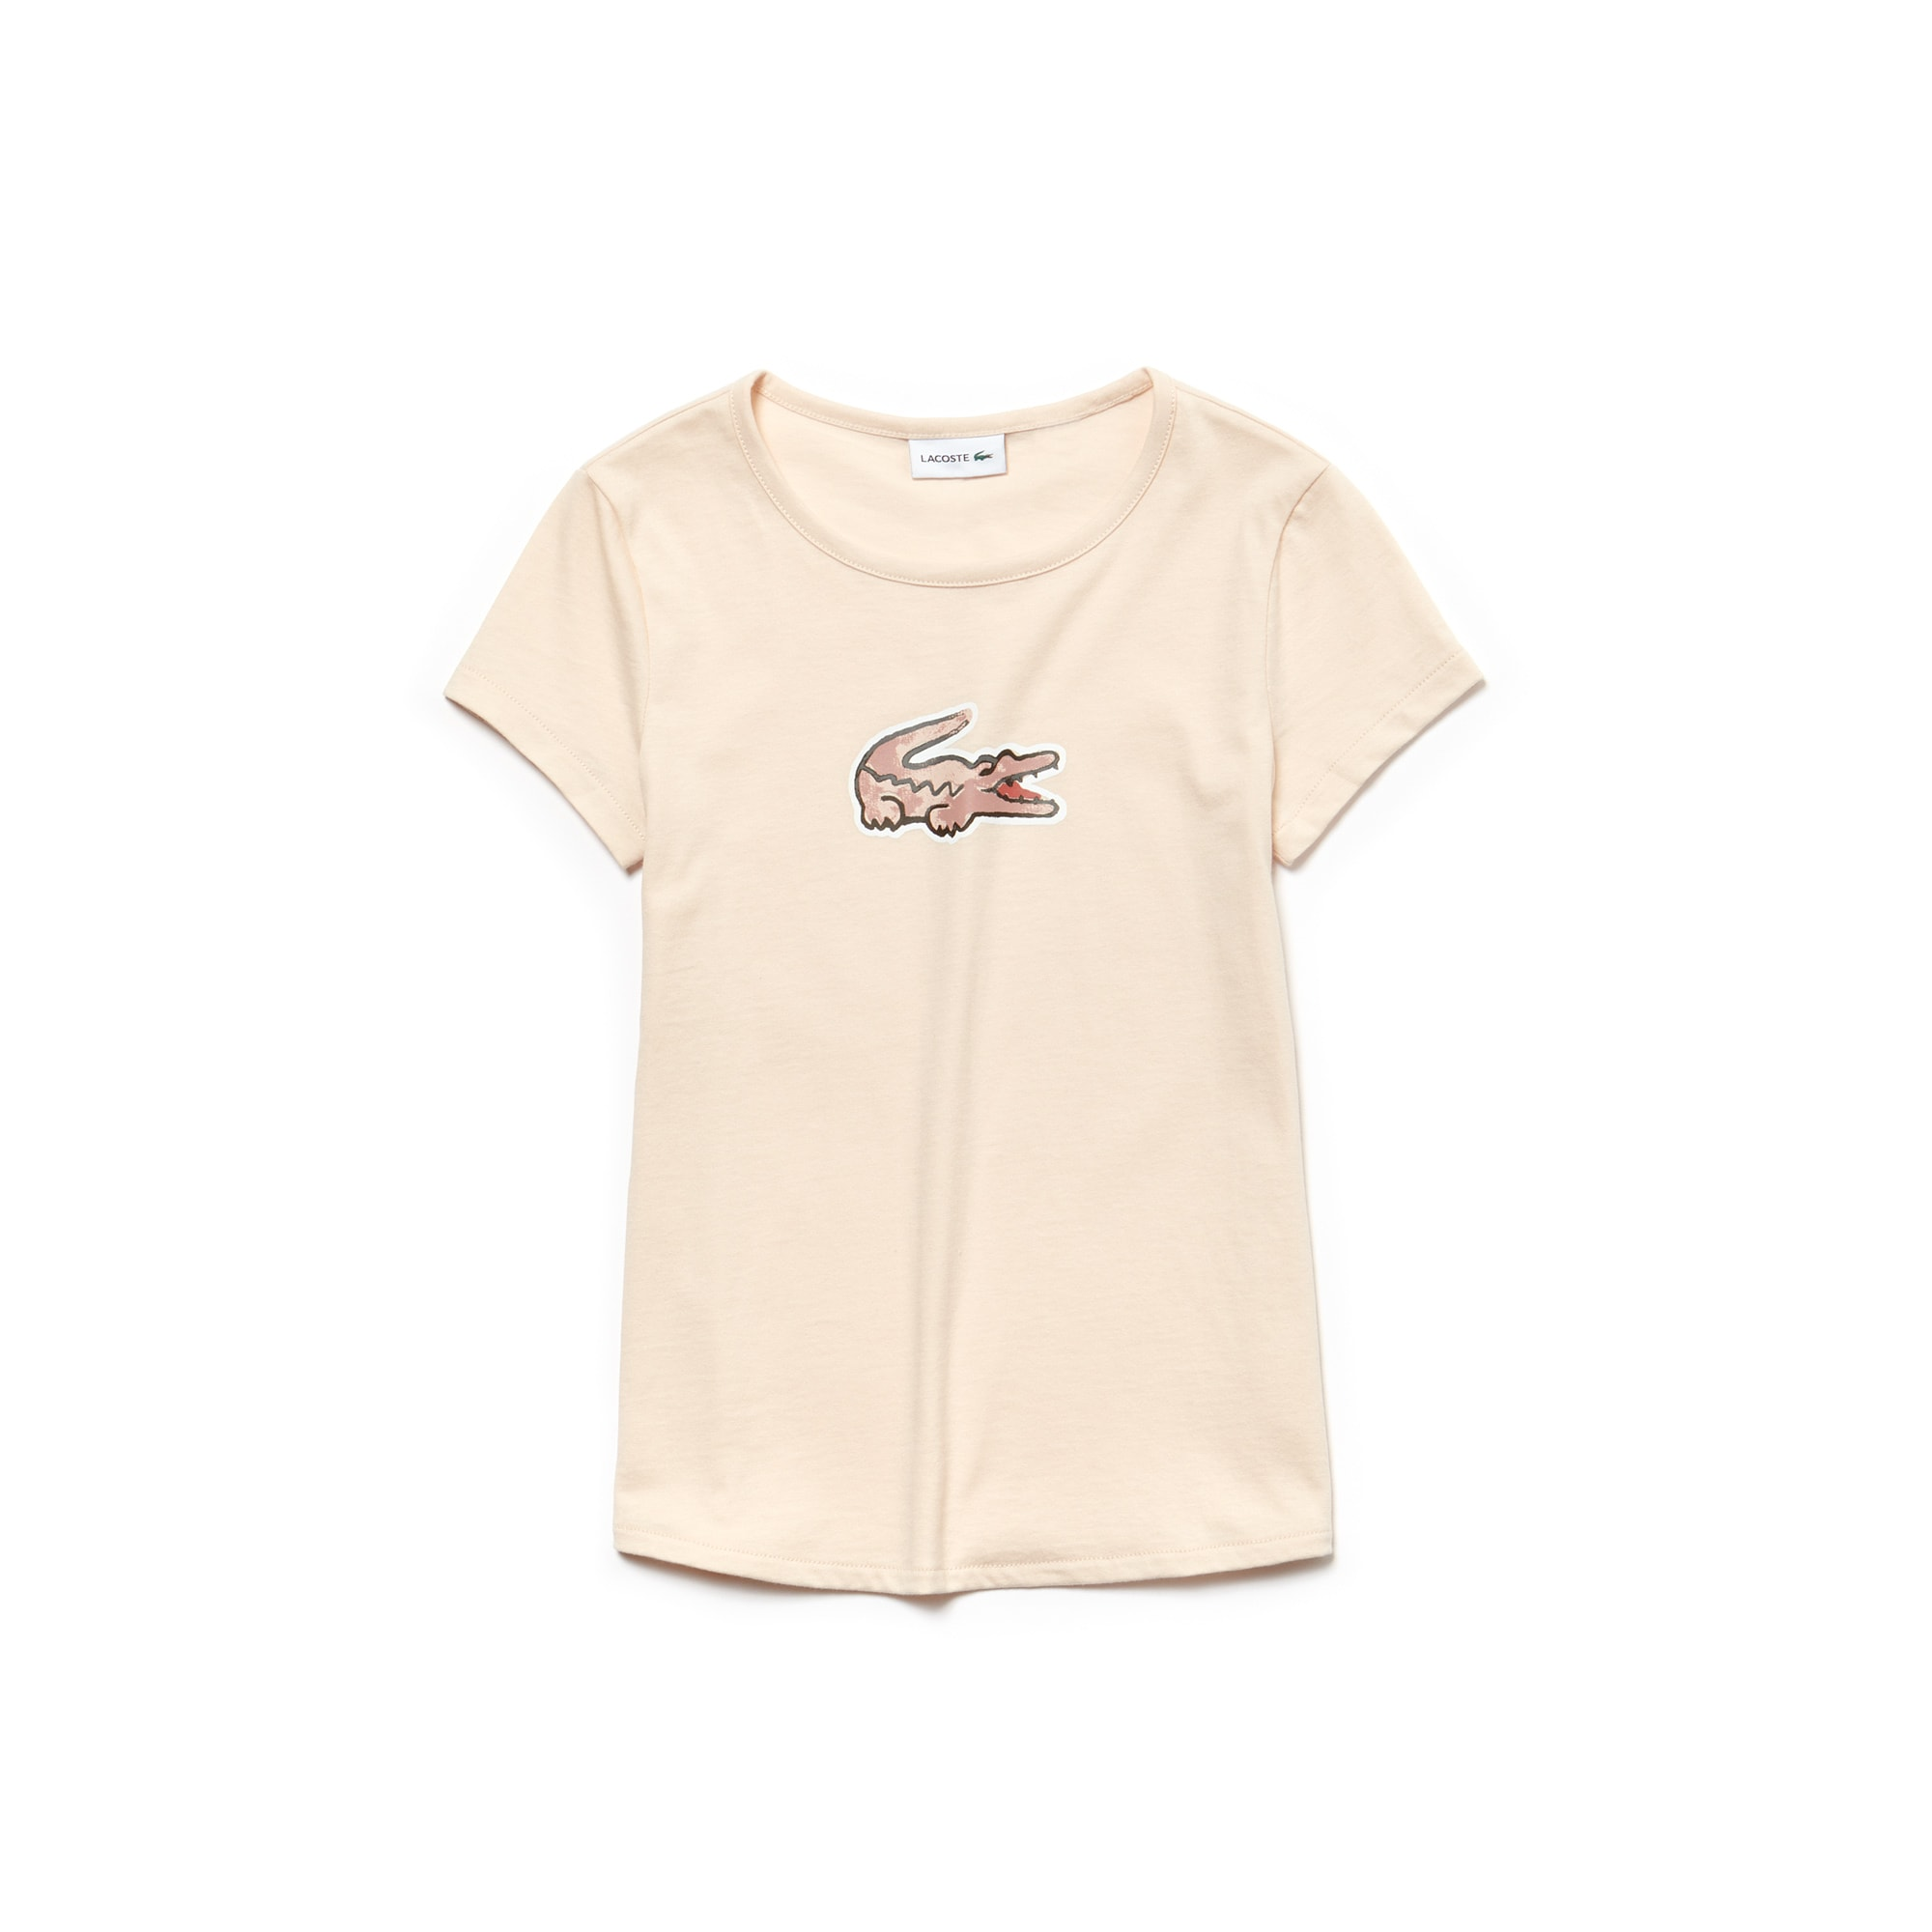 T-shirt meisjes ronde hals jersey met krokodillenprint